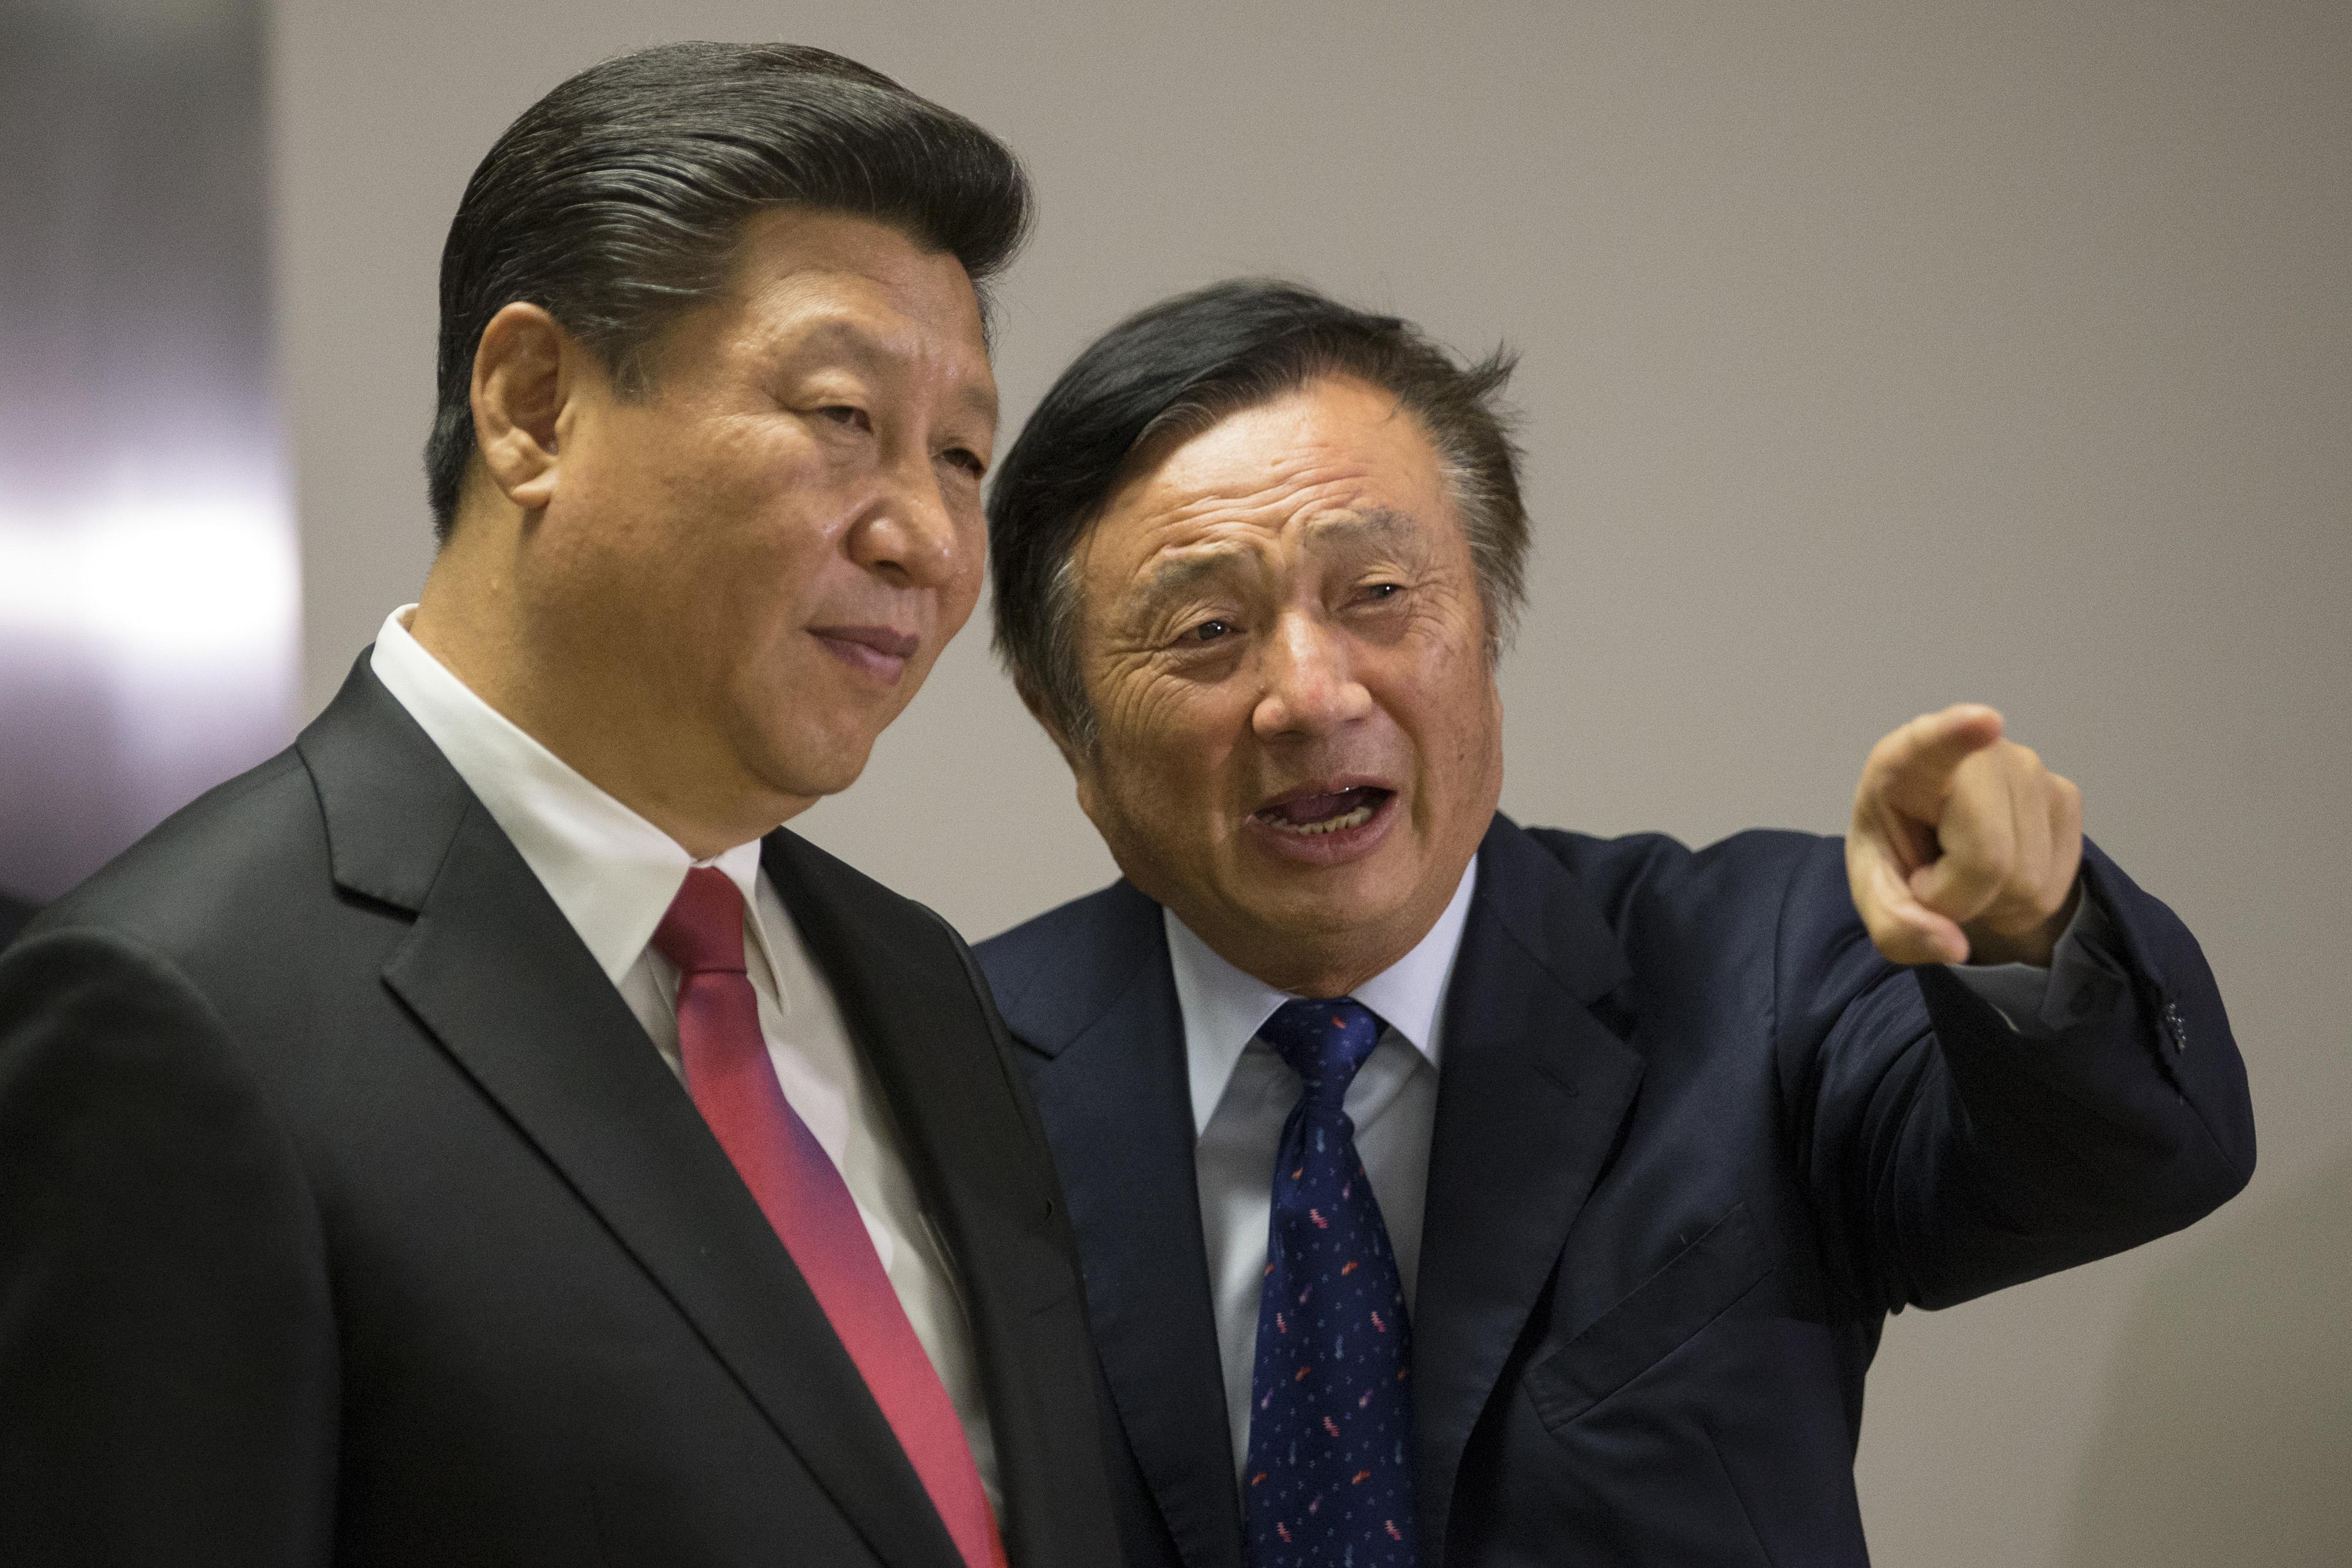 الرئيس الصيني شي بينغ ومؤسس هواوي رين زنغفاي. أرشيفية